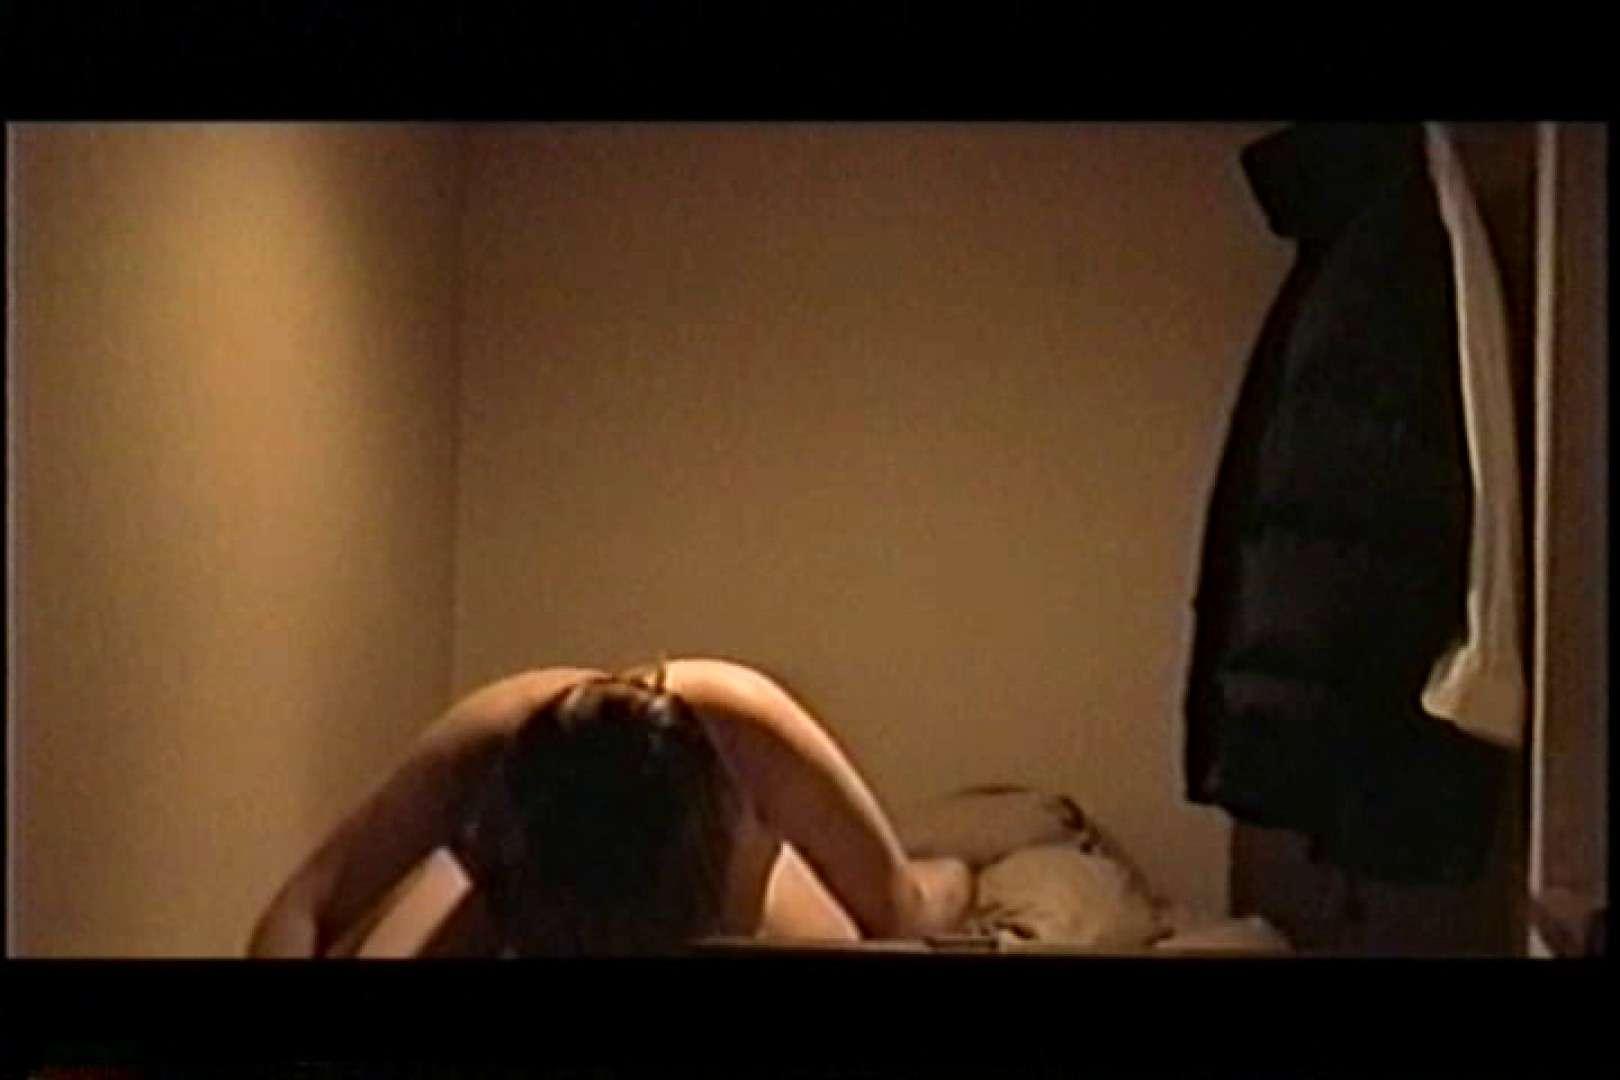 デリ嬢マル秘撮り本物投稿版② フェラチオ映像 盗み撮り動画 95pic 34